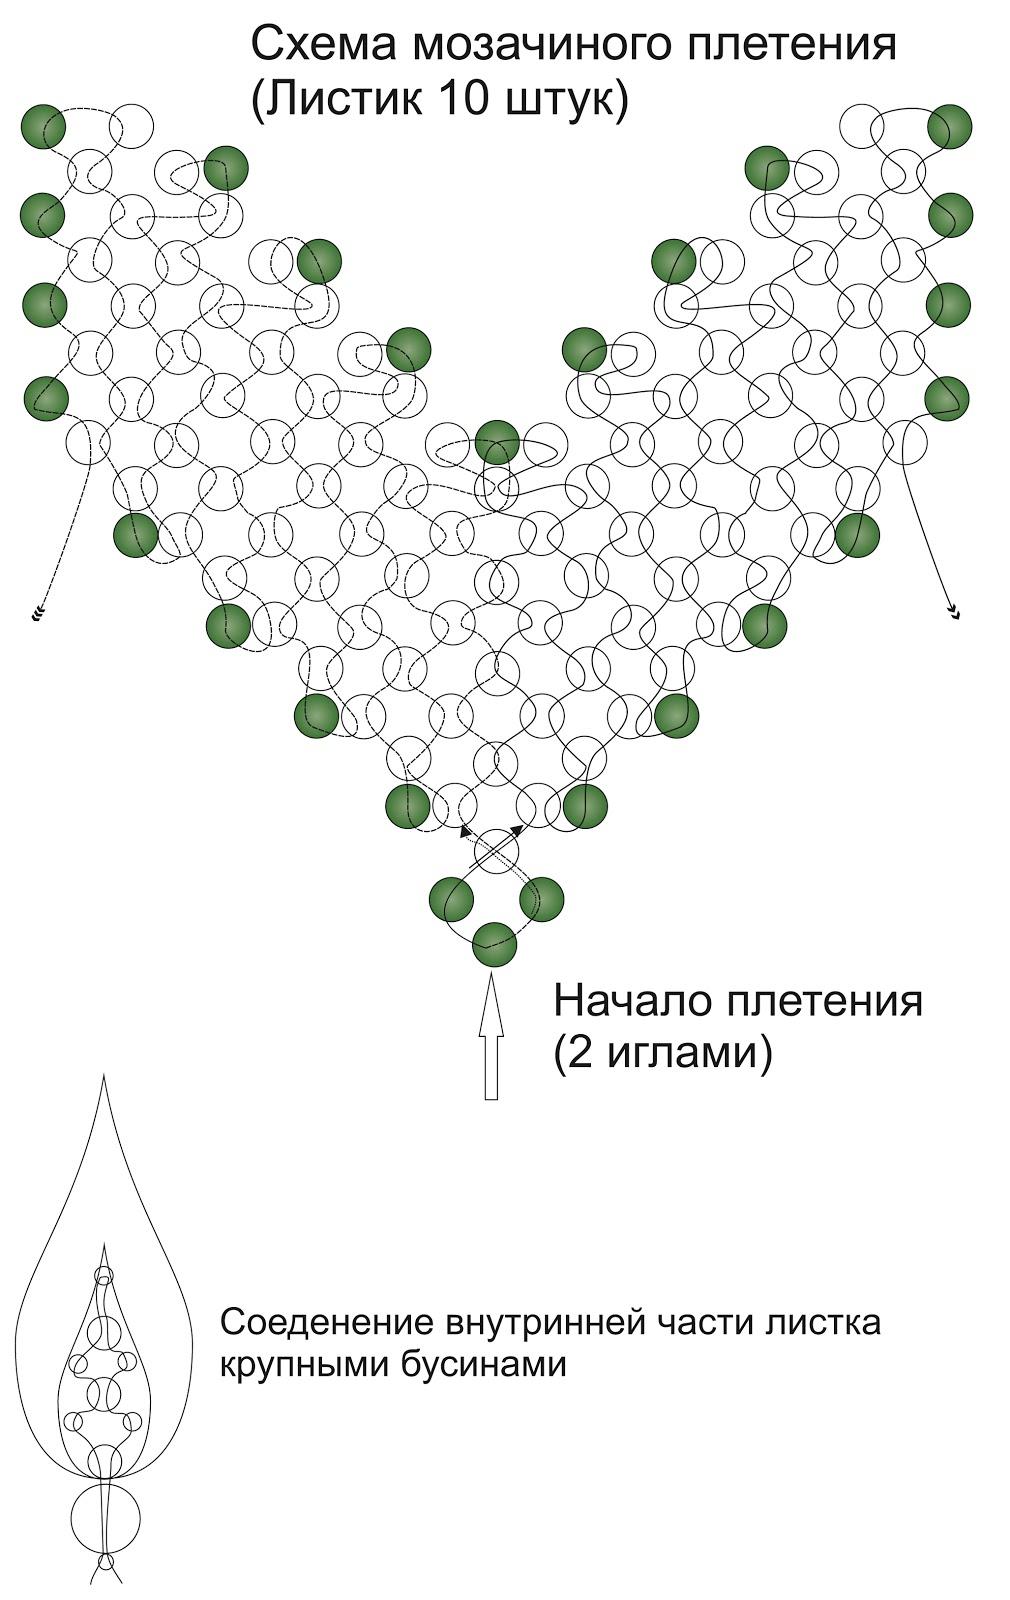 Мозаичное плетение листиков